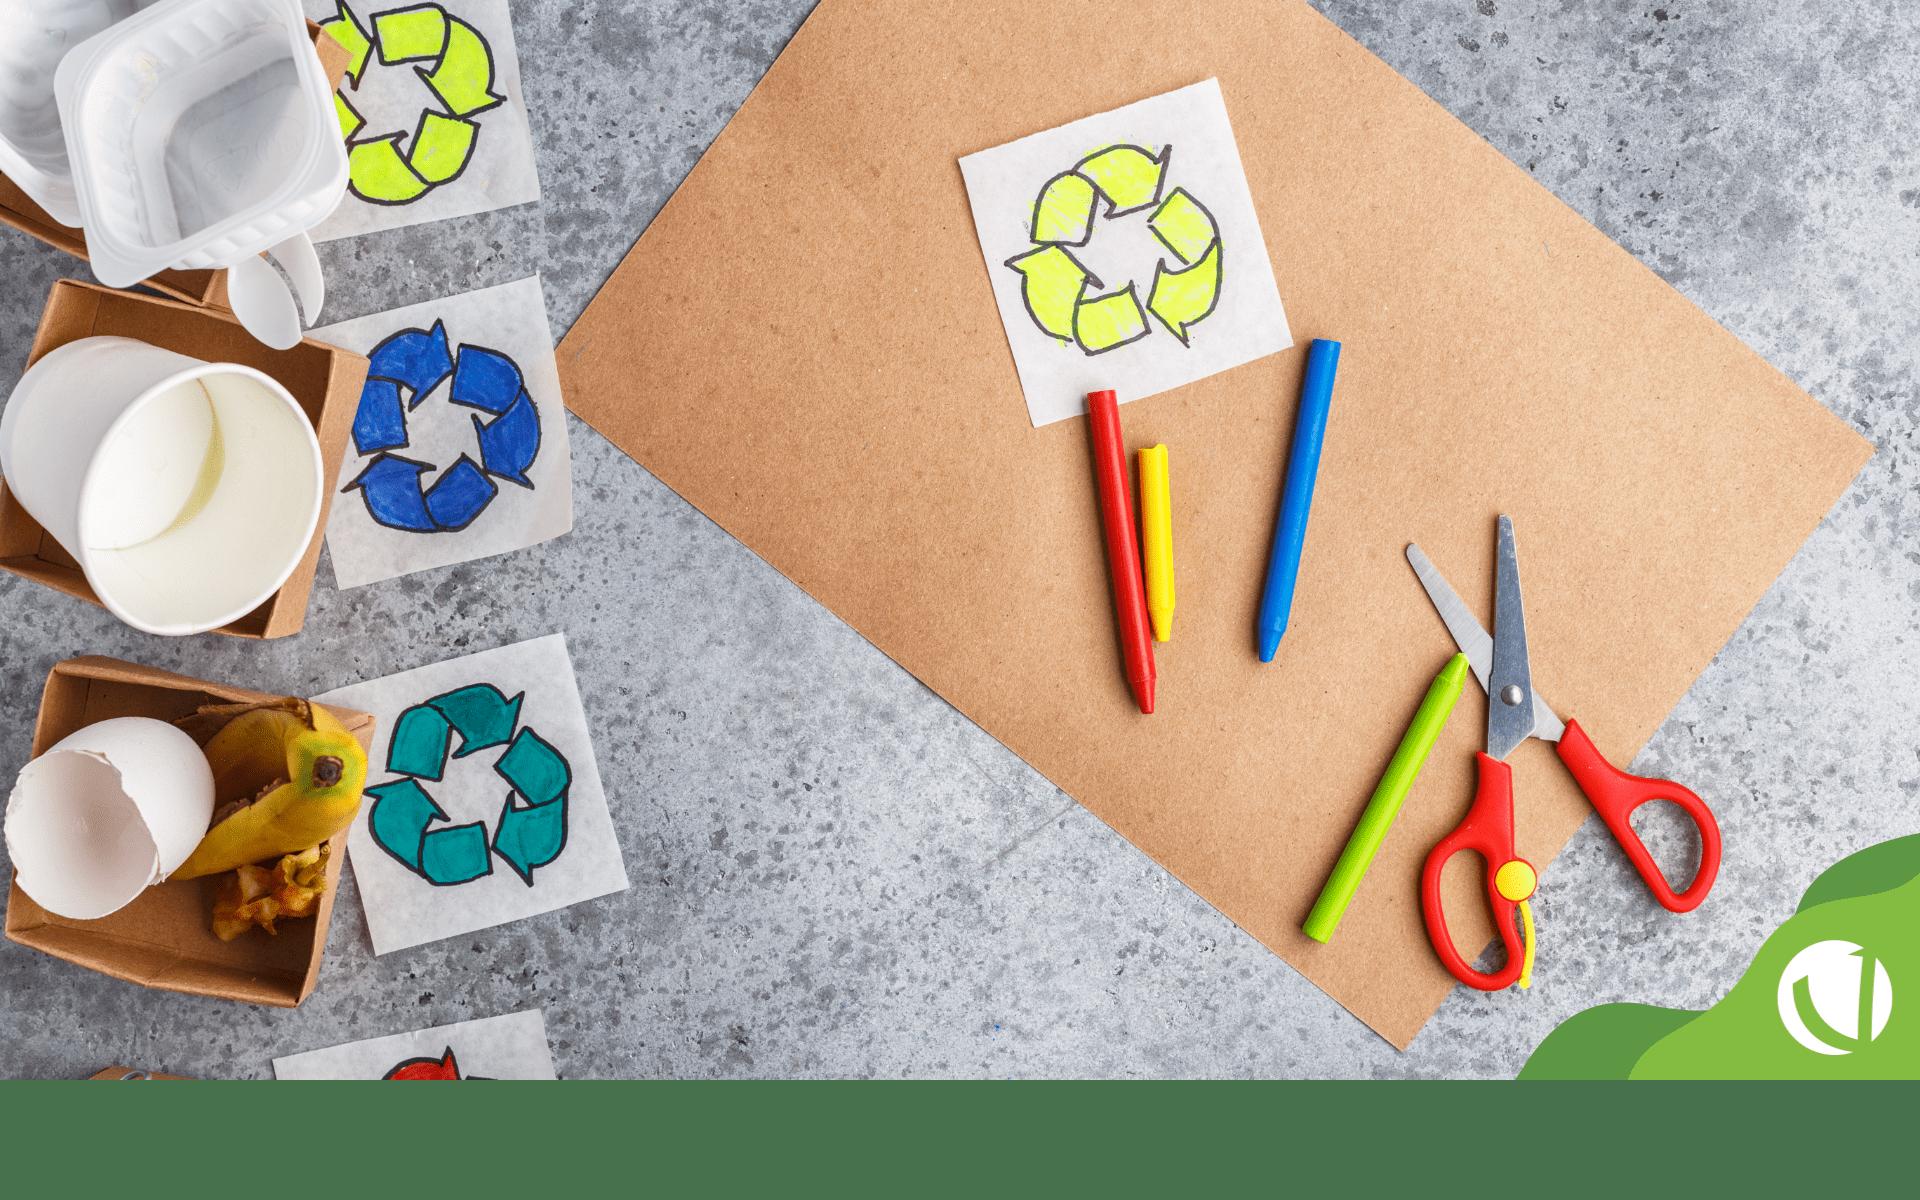 desenvolvimento sustentável na escola